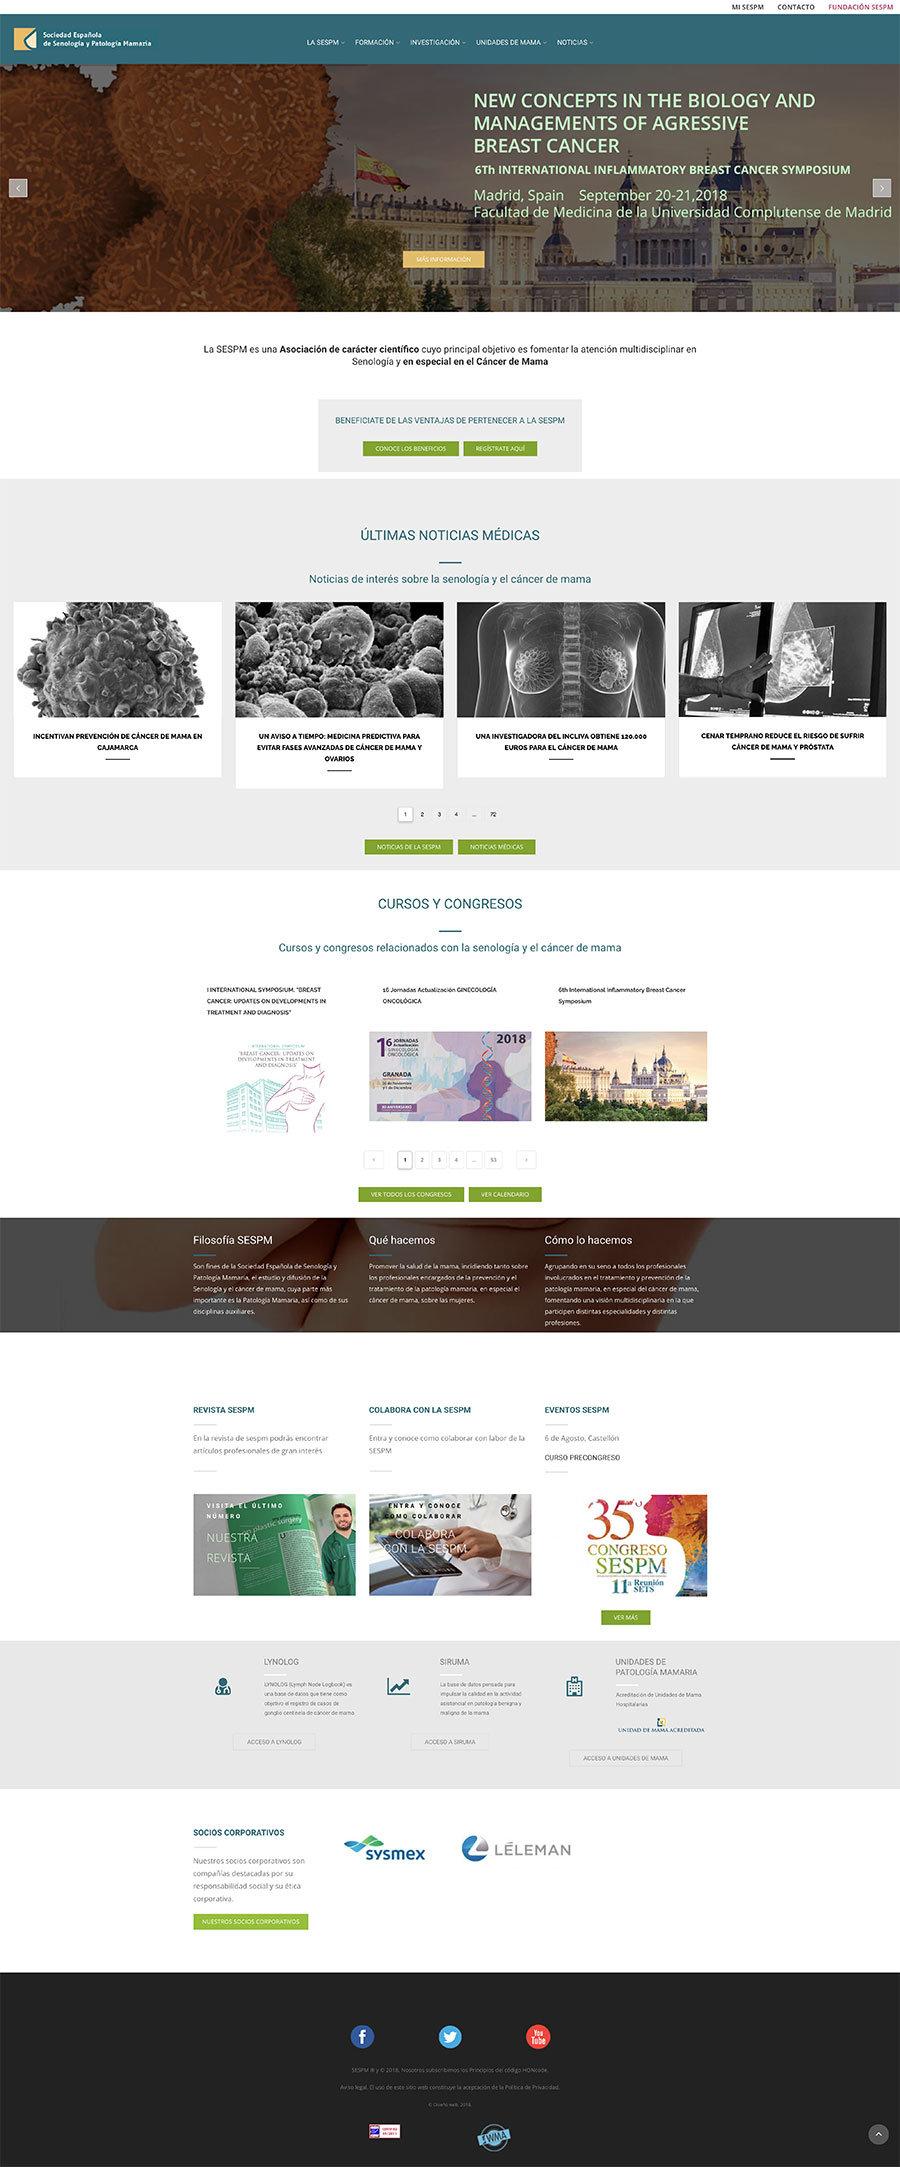 Wellaggio-diseño-web-valencia-sespm-es-2018-08-16-17_30_46